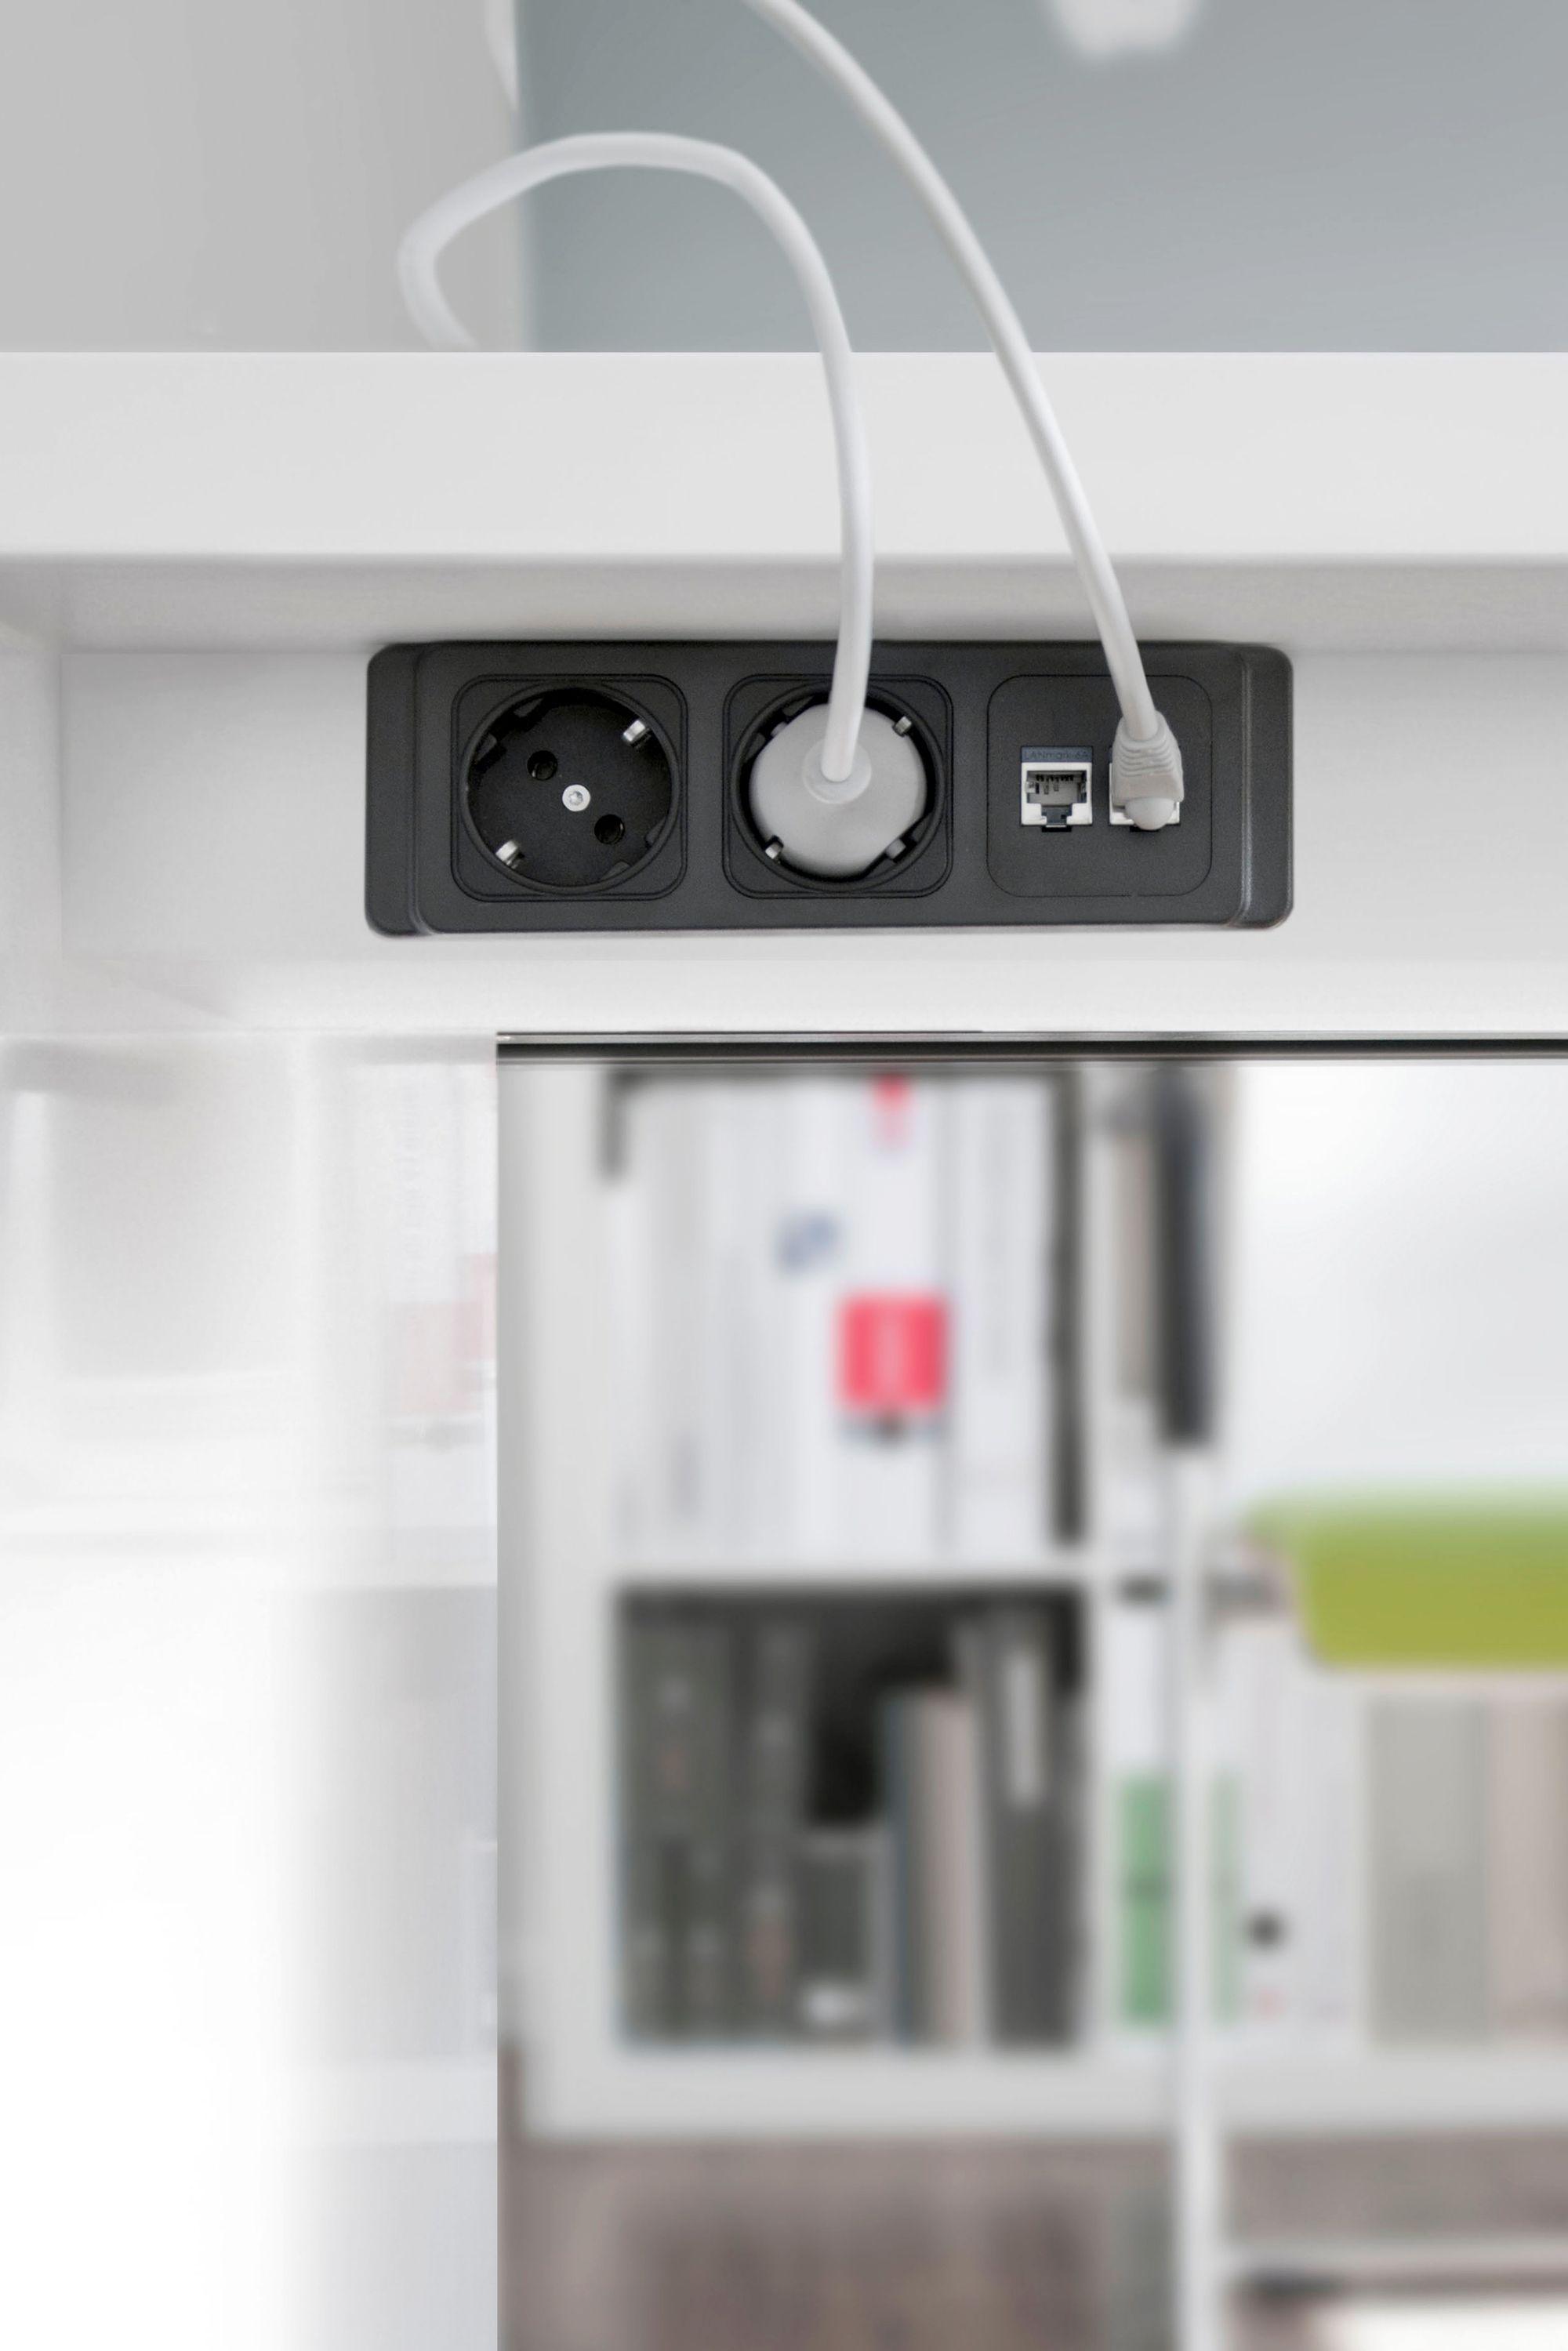 Einbausteckdose Mit Rahmen In 2 Bis 4 Facher Ausfuhrung Steckdosenleiste Brustungskanal Steckdosen